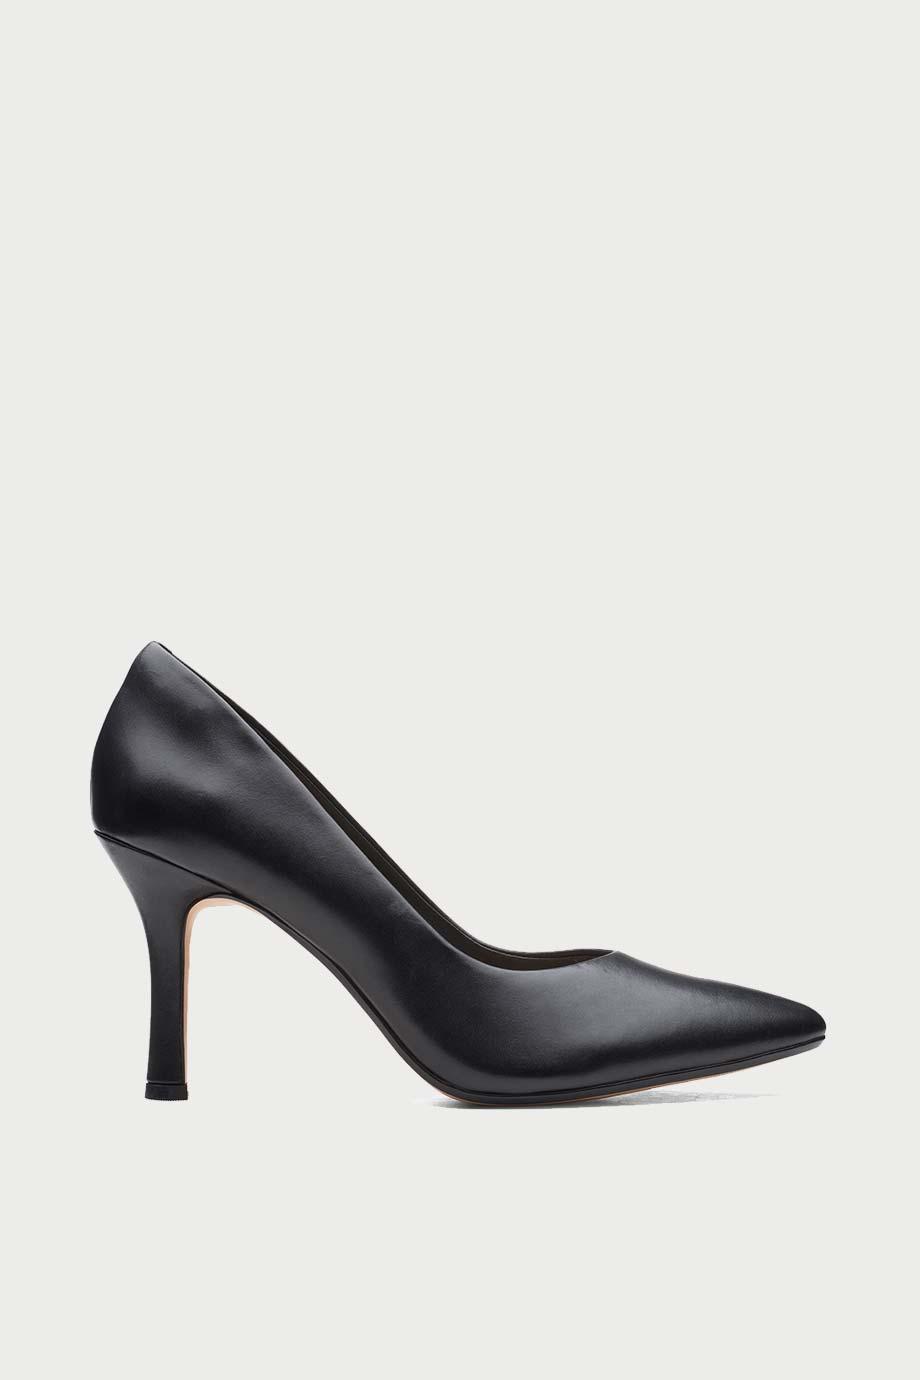 spiridoula metheniti shoes xalkida p violet 85 court black leather clarks